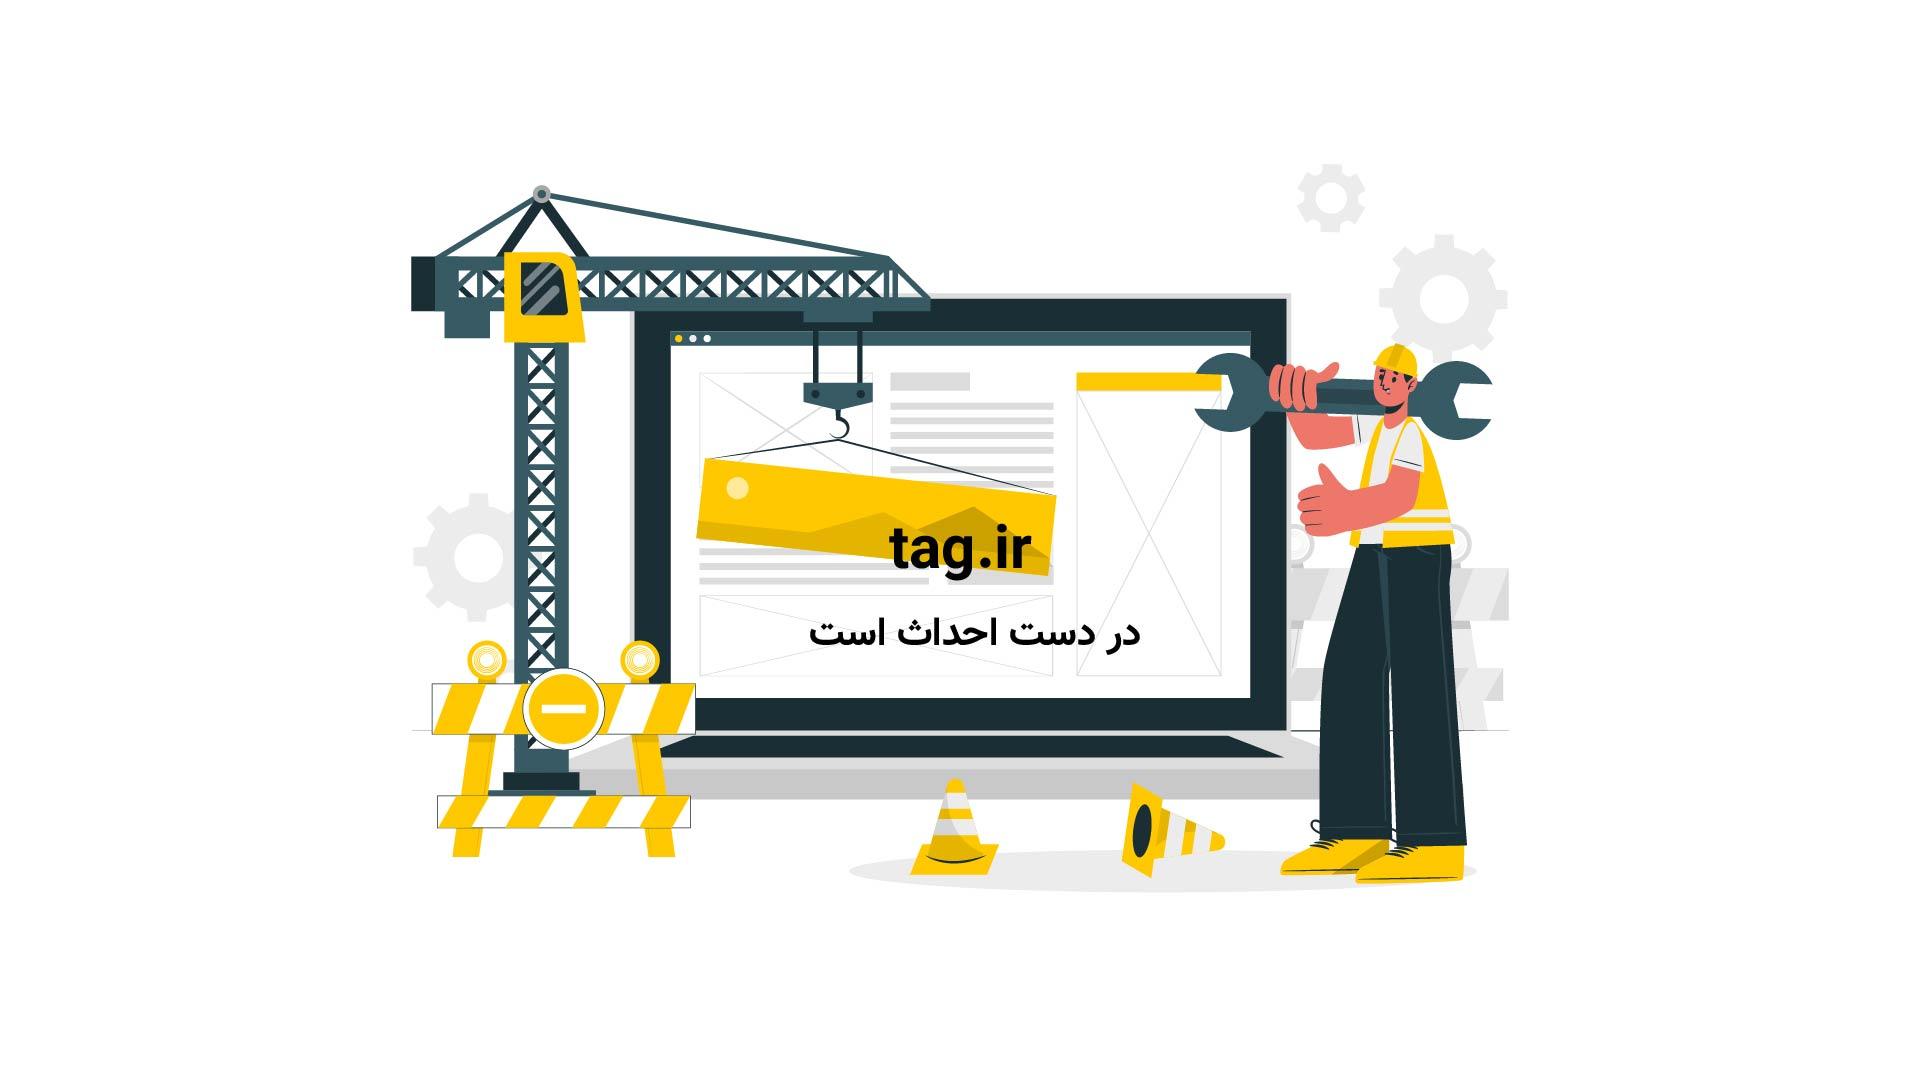 تاریخچه شمشیربازی ایران و جهان و اولین ورزشکار المپیکی ایران + فیلم